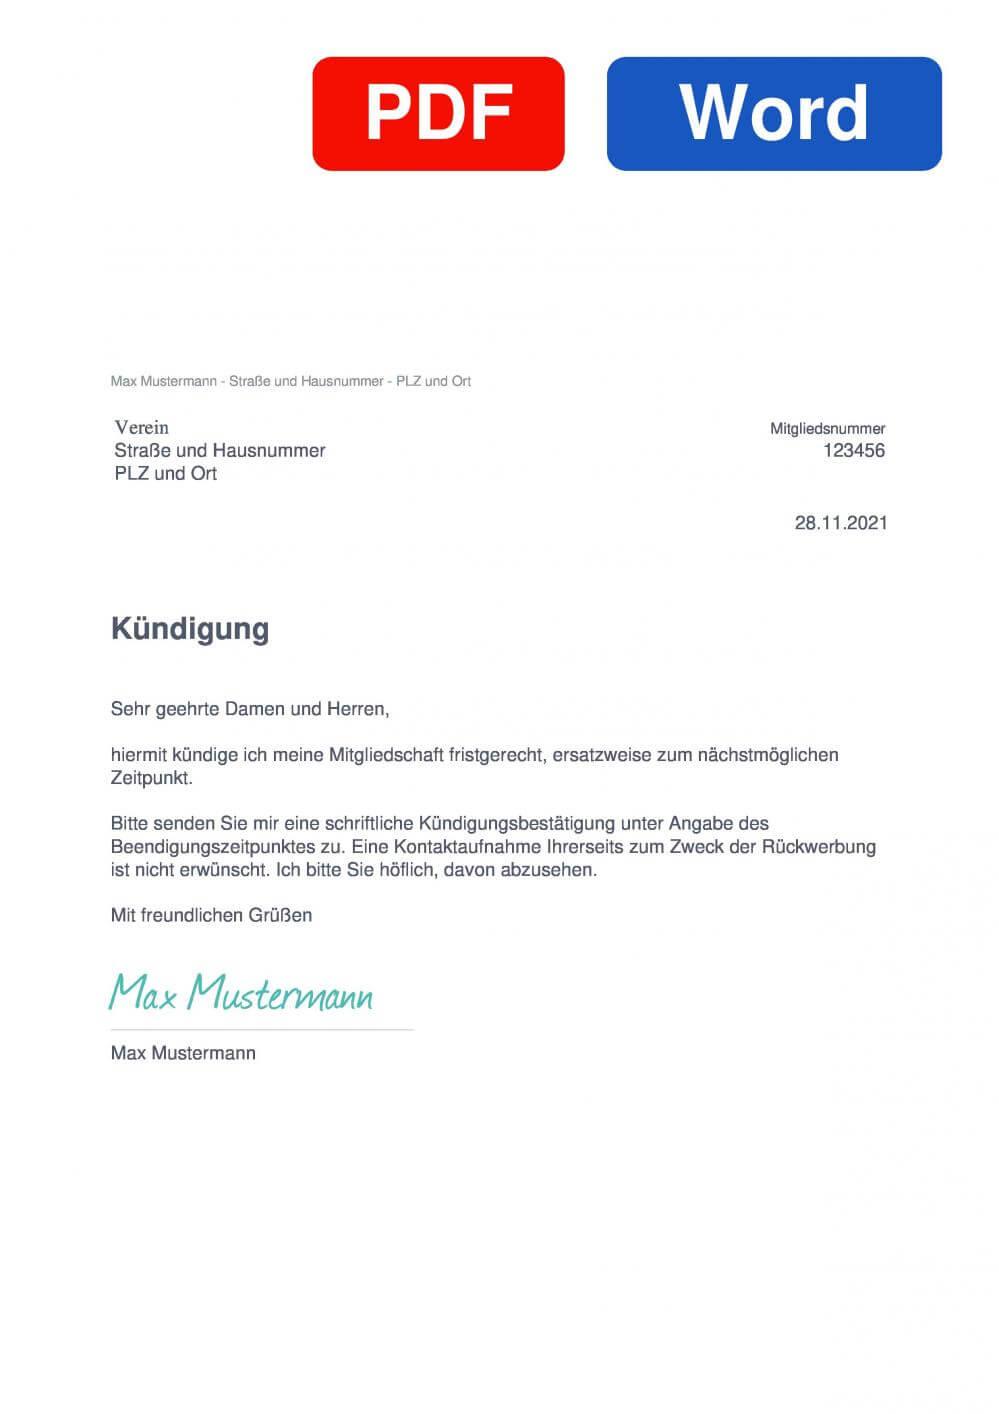 Verein Muster Vorlage für Kündigungsschreiben